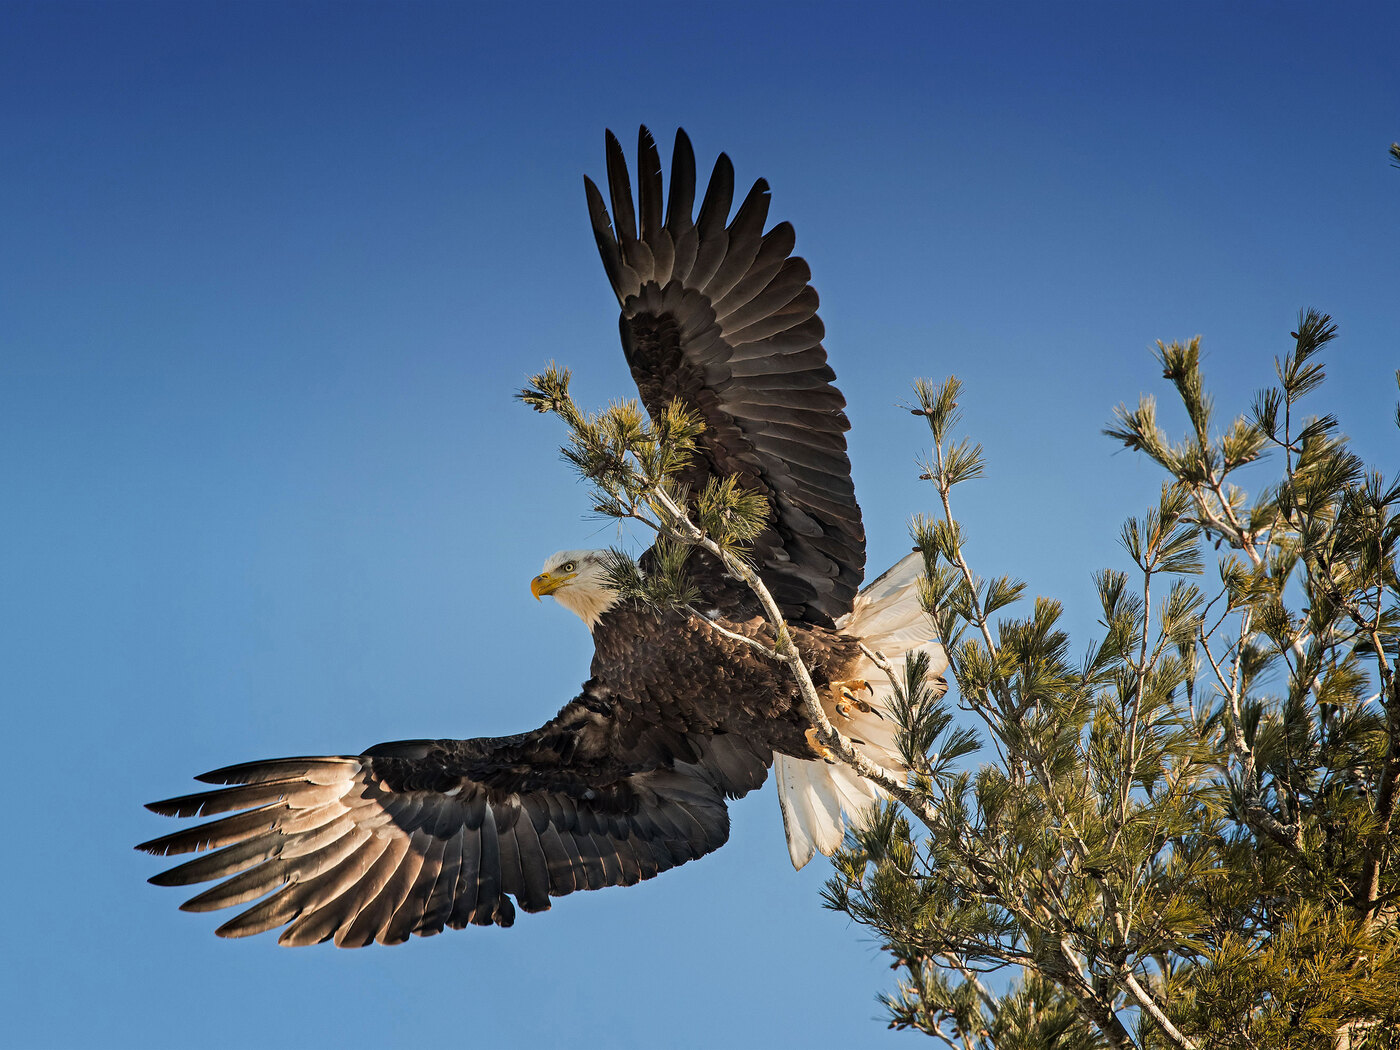 bald-eagle-open-wings-id.jpg